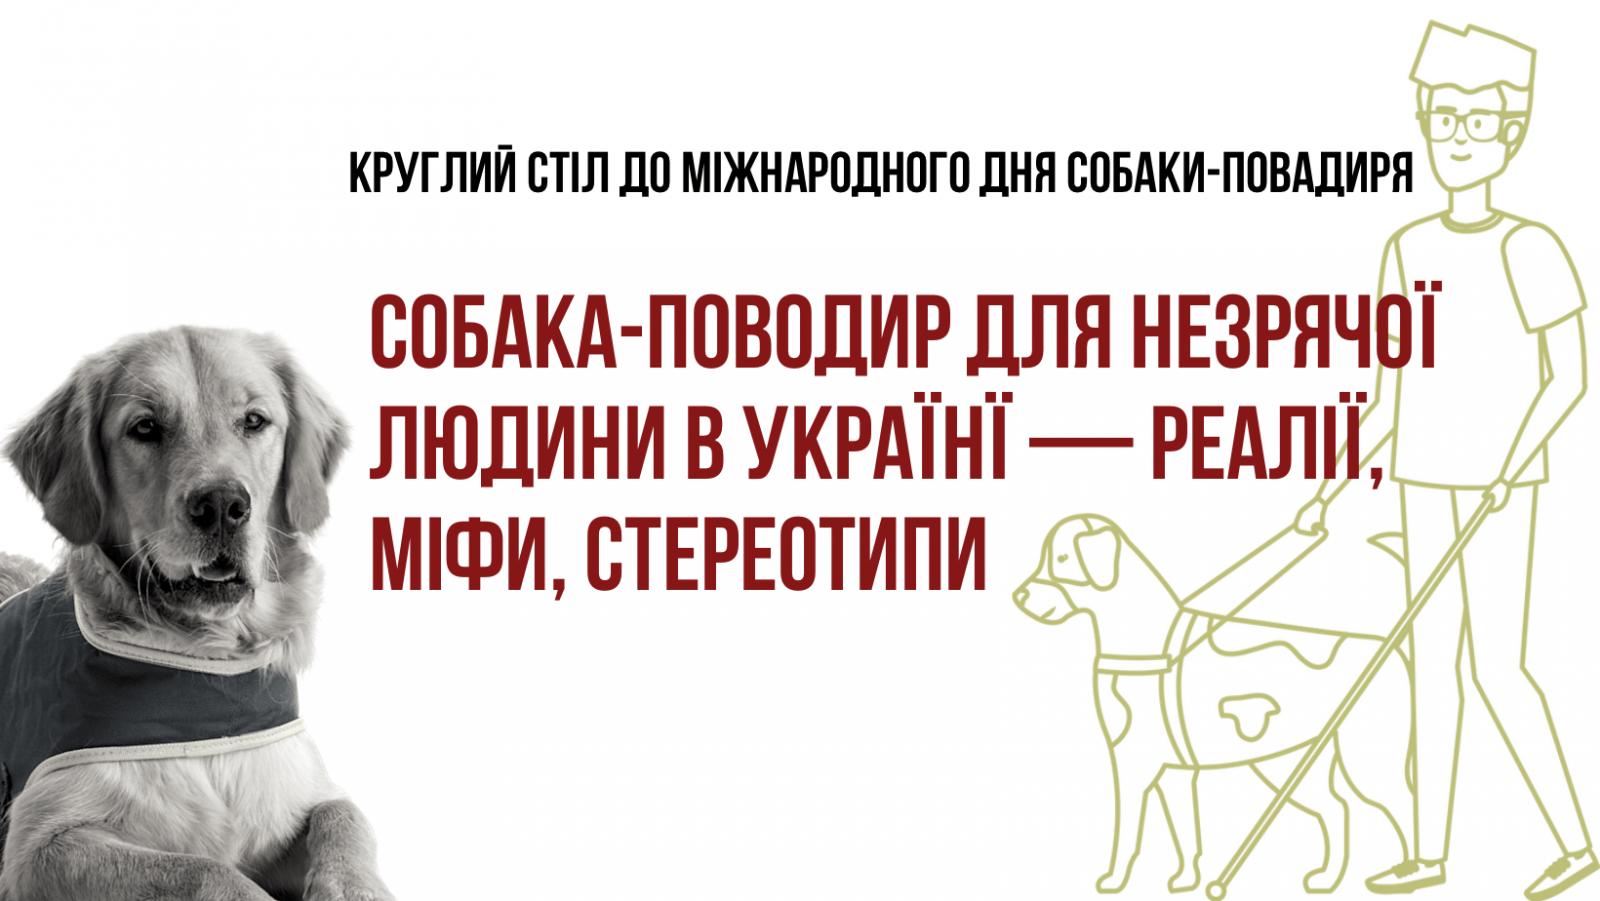 Собака-поводир для незрячої людини в Україні – реалії, міфи, стереотипи